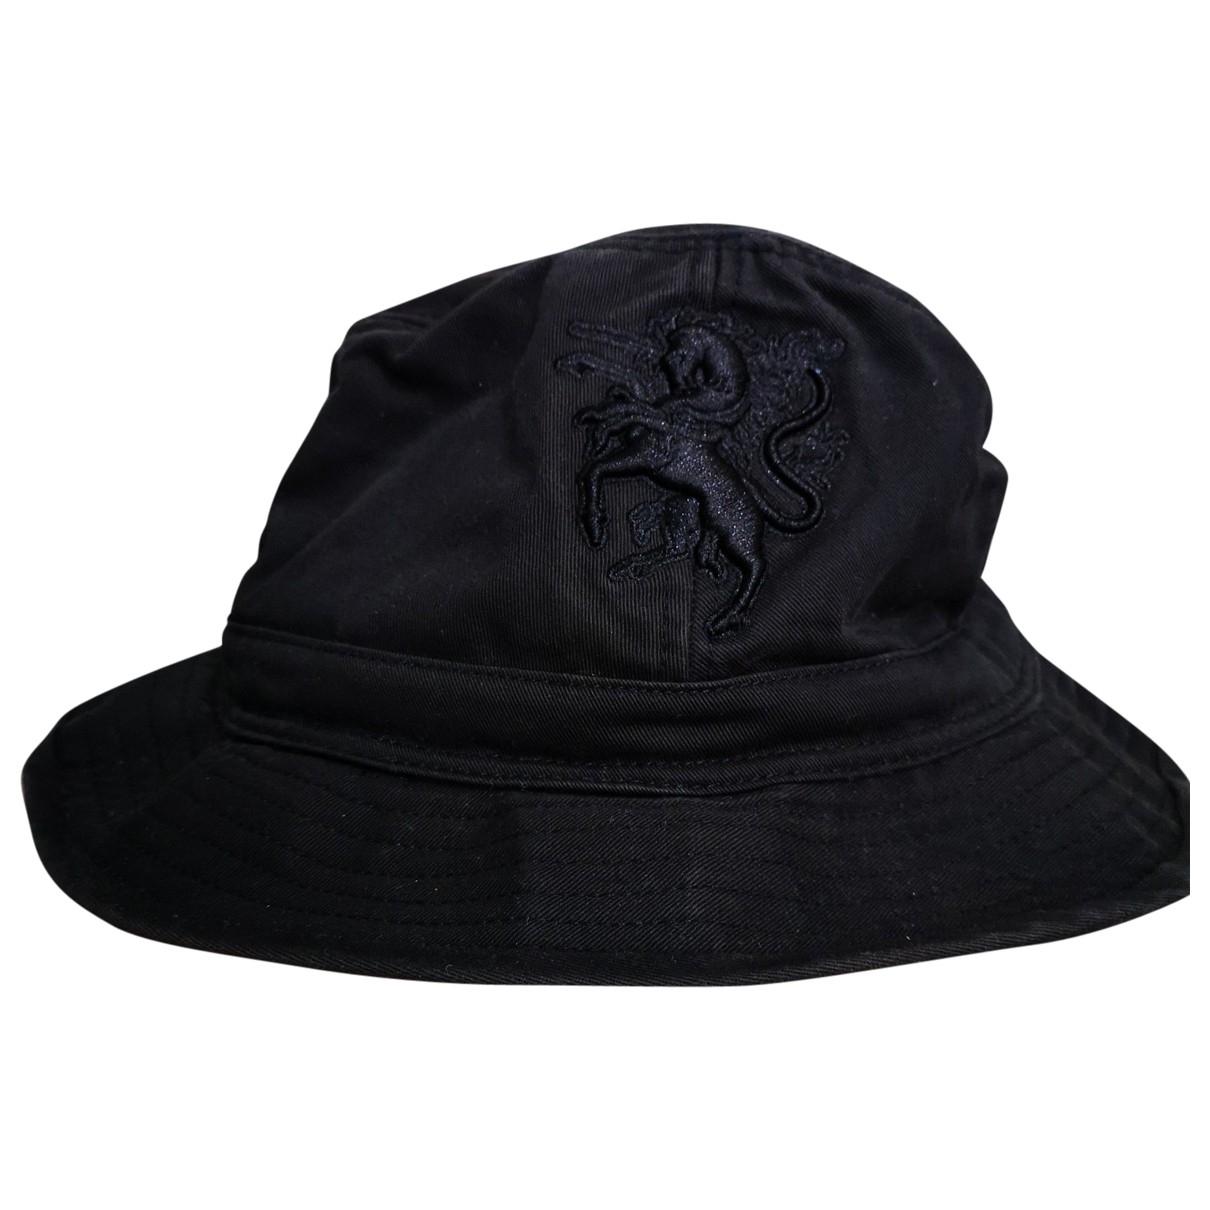 Sombreros en Algodon Negro Philip Treacy